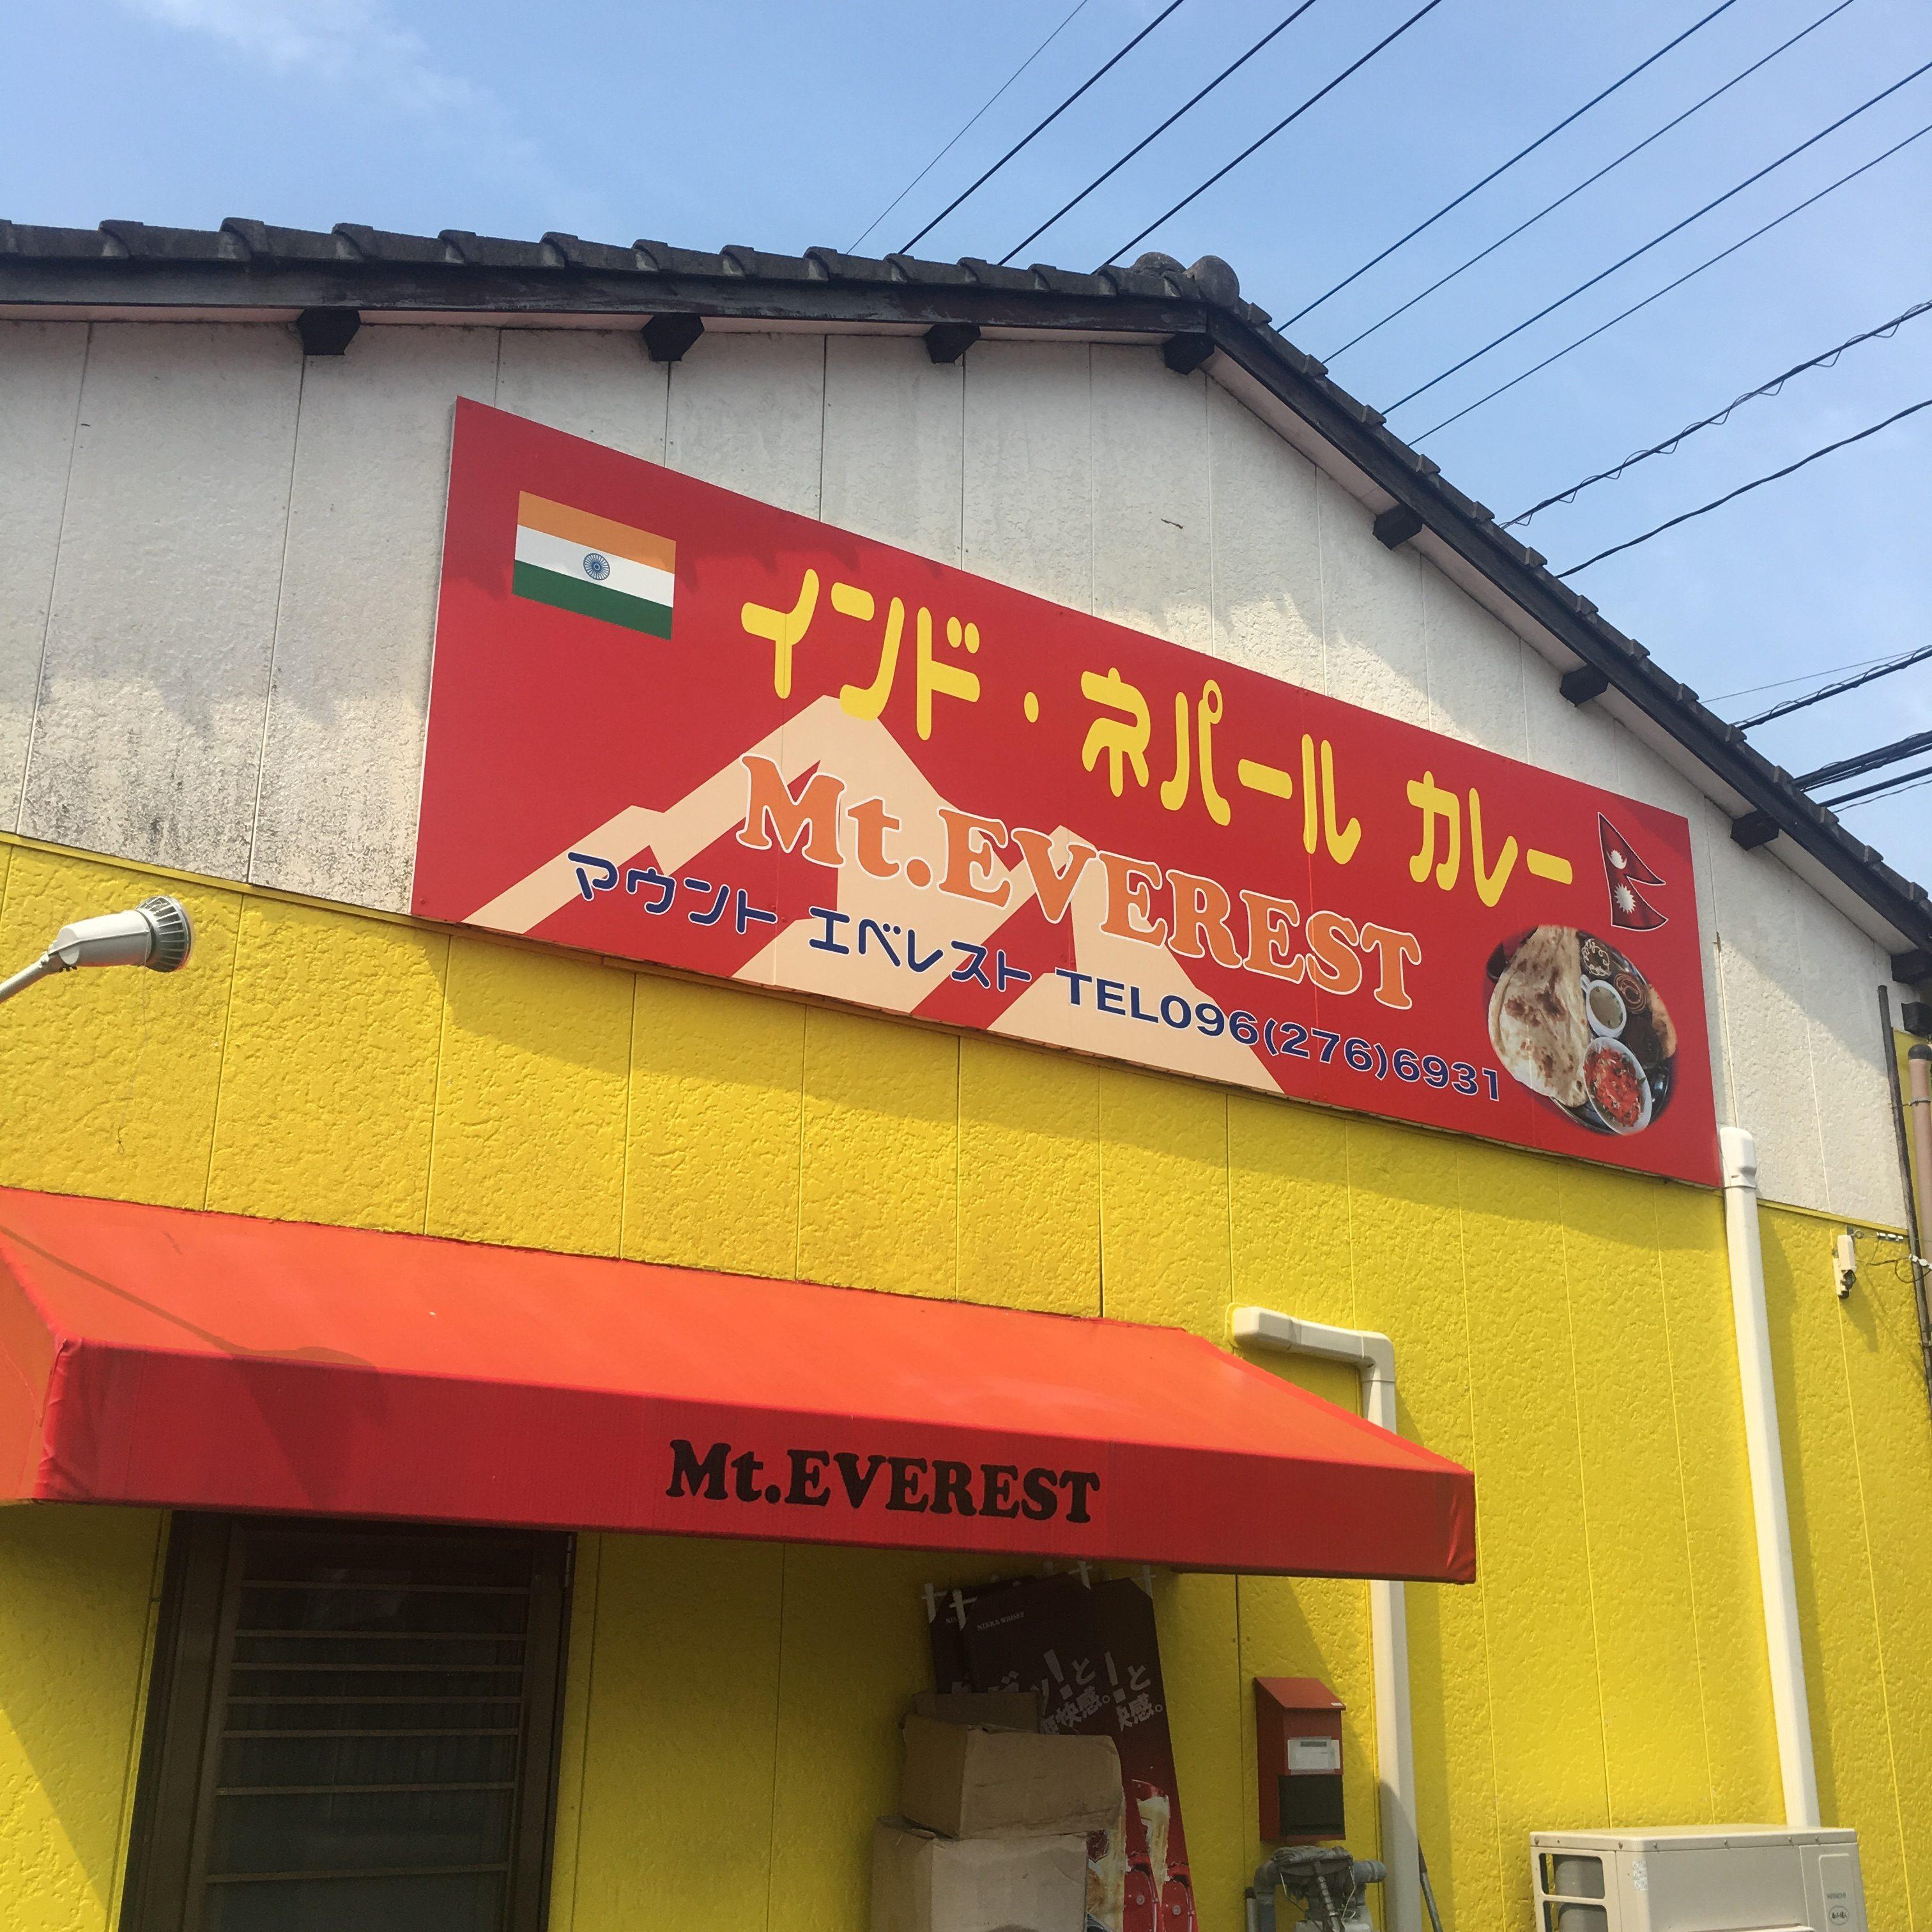 【マウントエベレスト】熊本田崎のカレー専門店!ナンがデカすぎる~